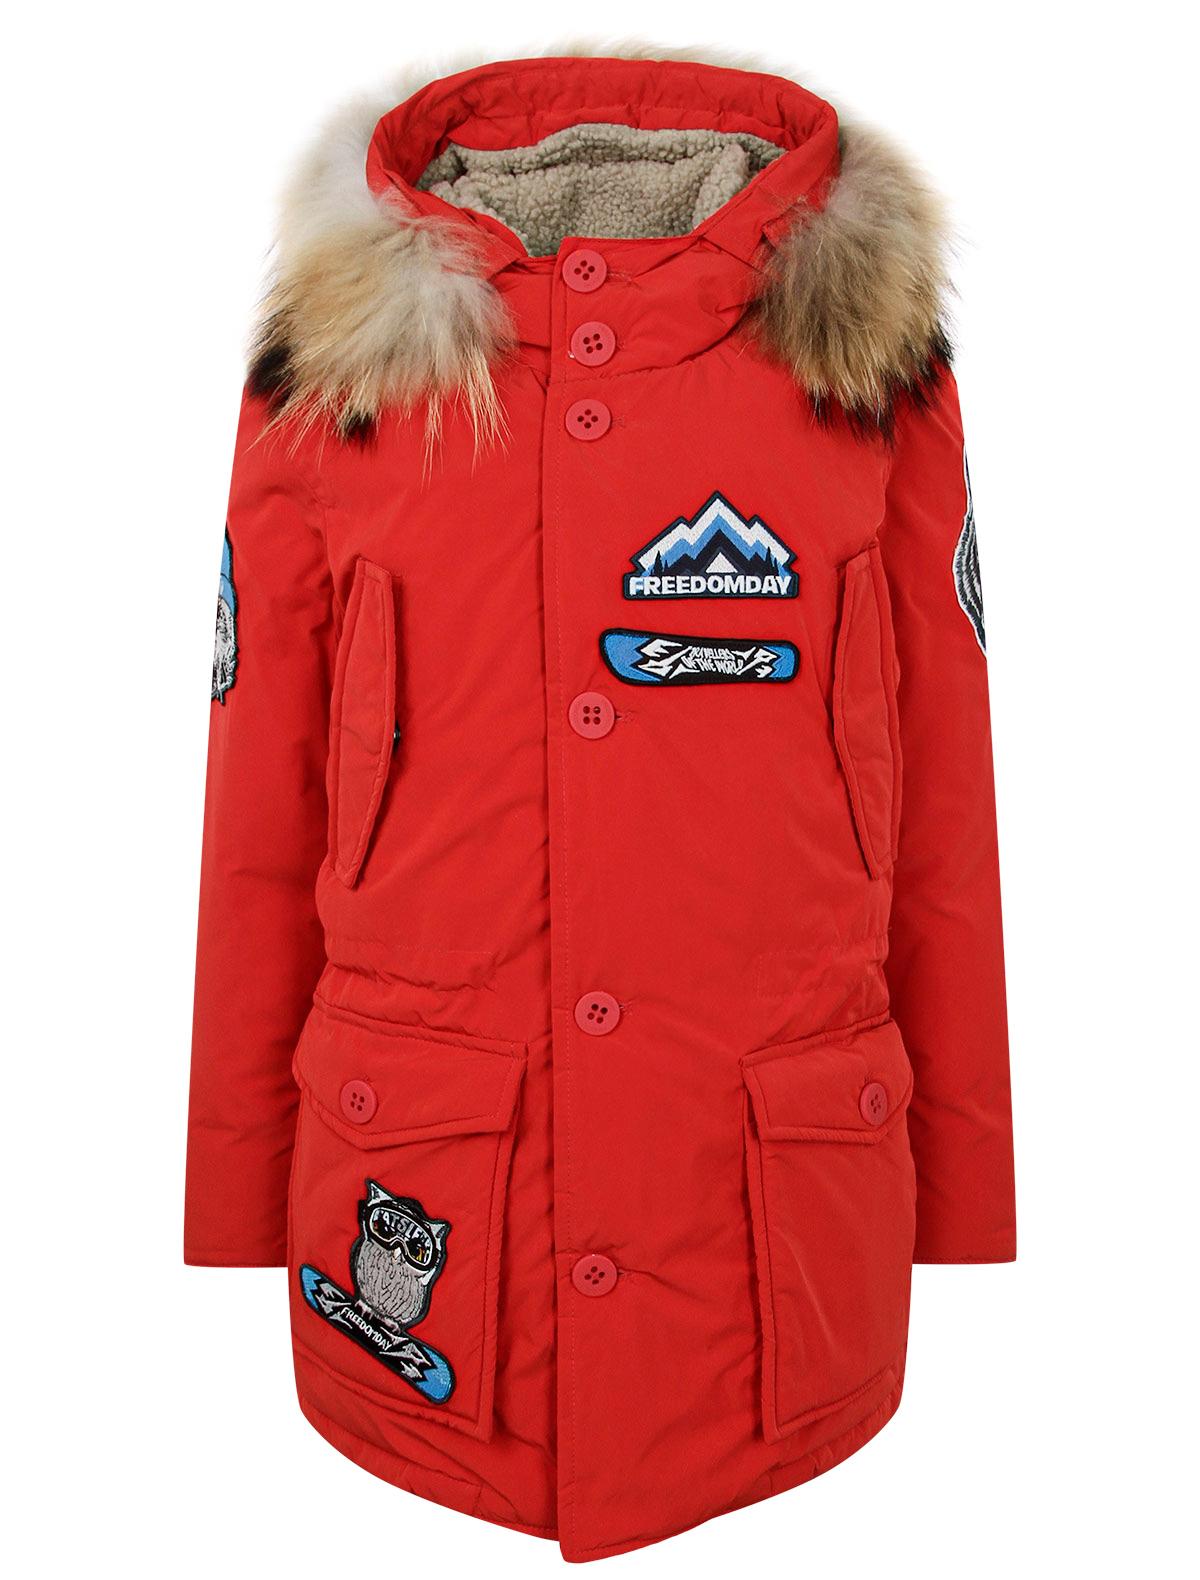 Купить 2342537, Куртка FREEDOMDAY, красный, Мужской, 1074519181603